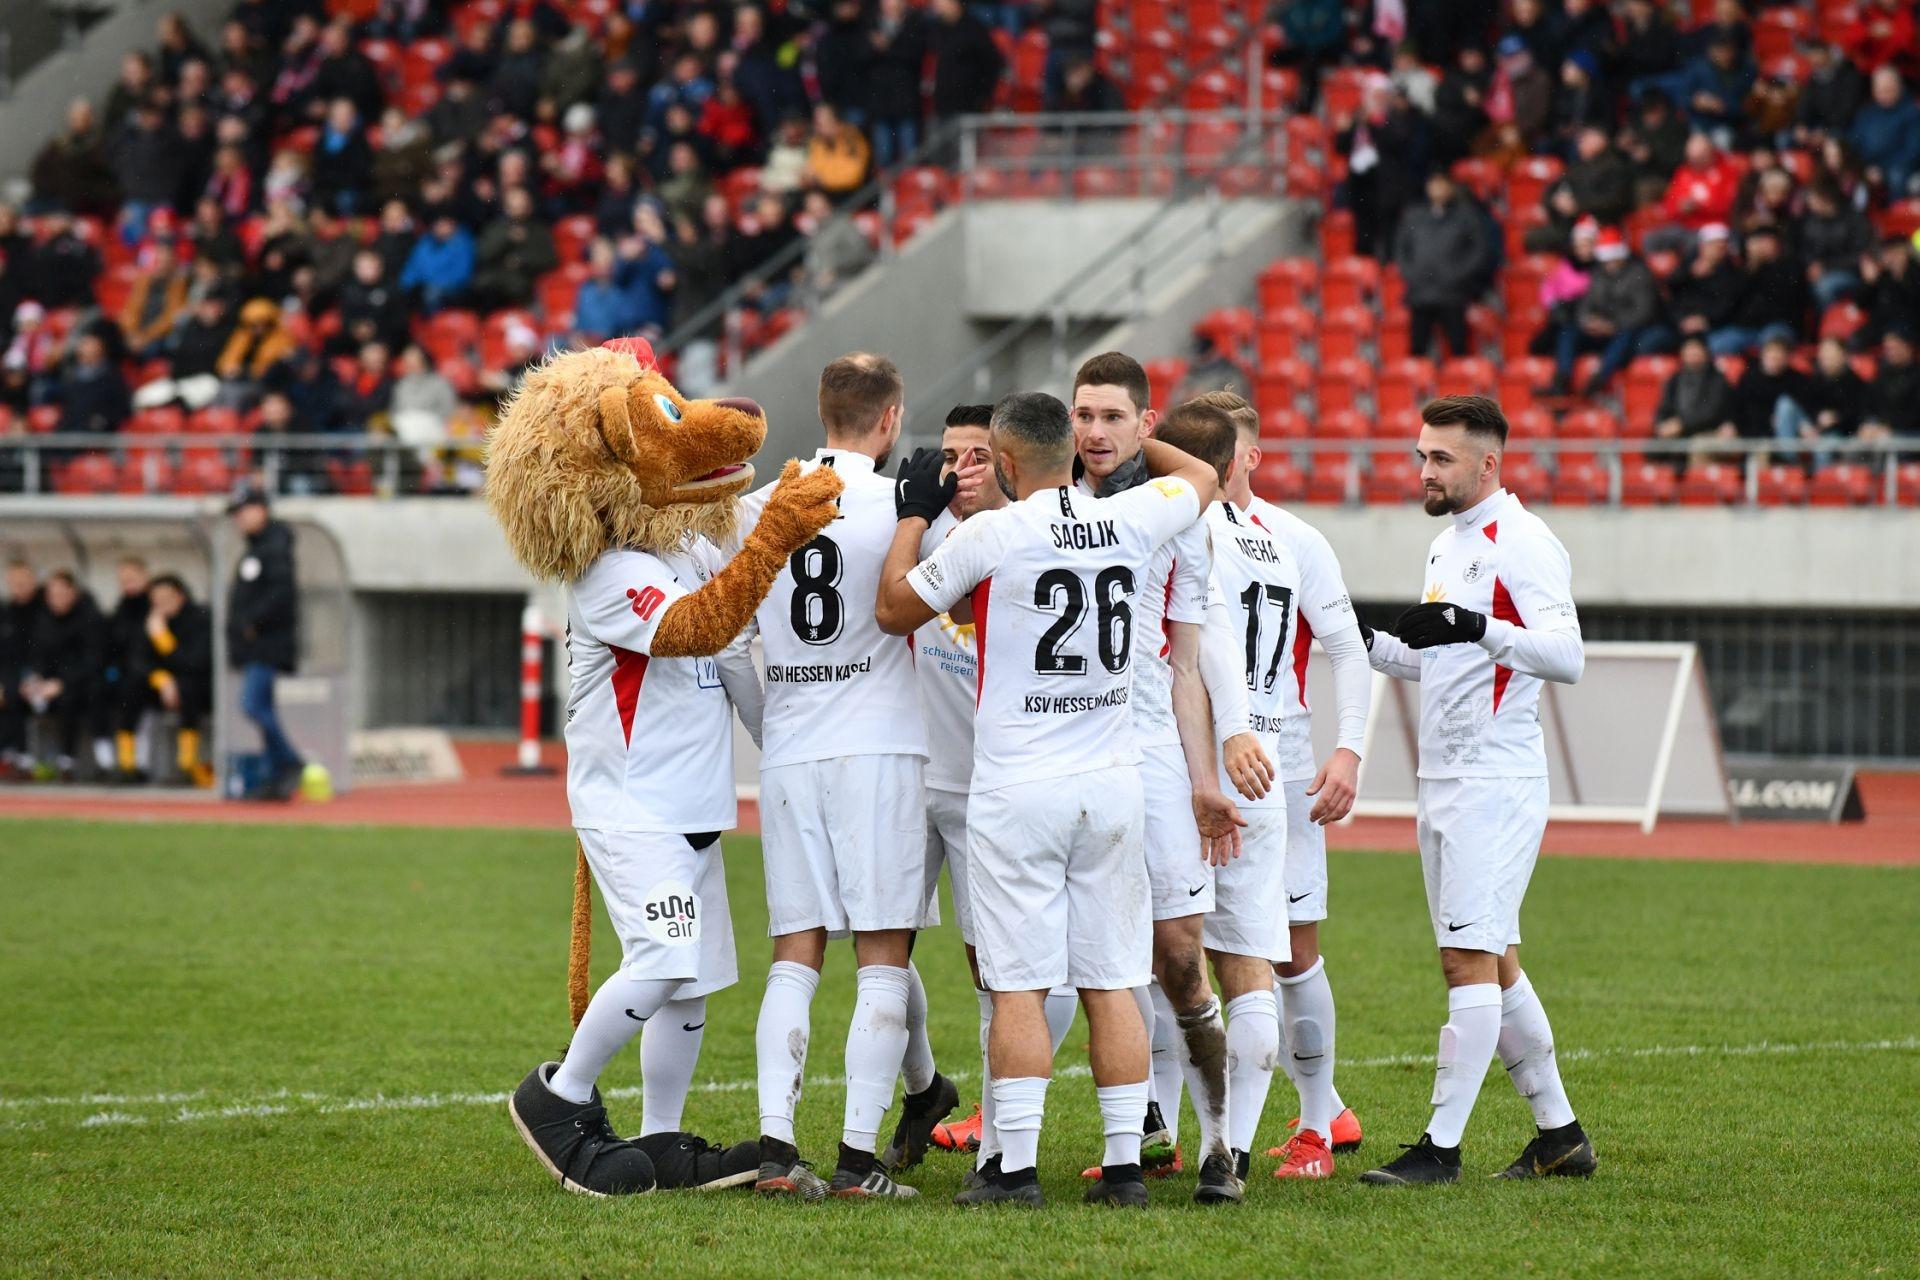 Lotto Hessenliga 2019/2020, KSV Hessen Kassel, FV Bad Vilbel, Endstand 6:1, Jubel zum 4:0